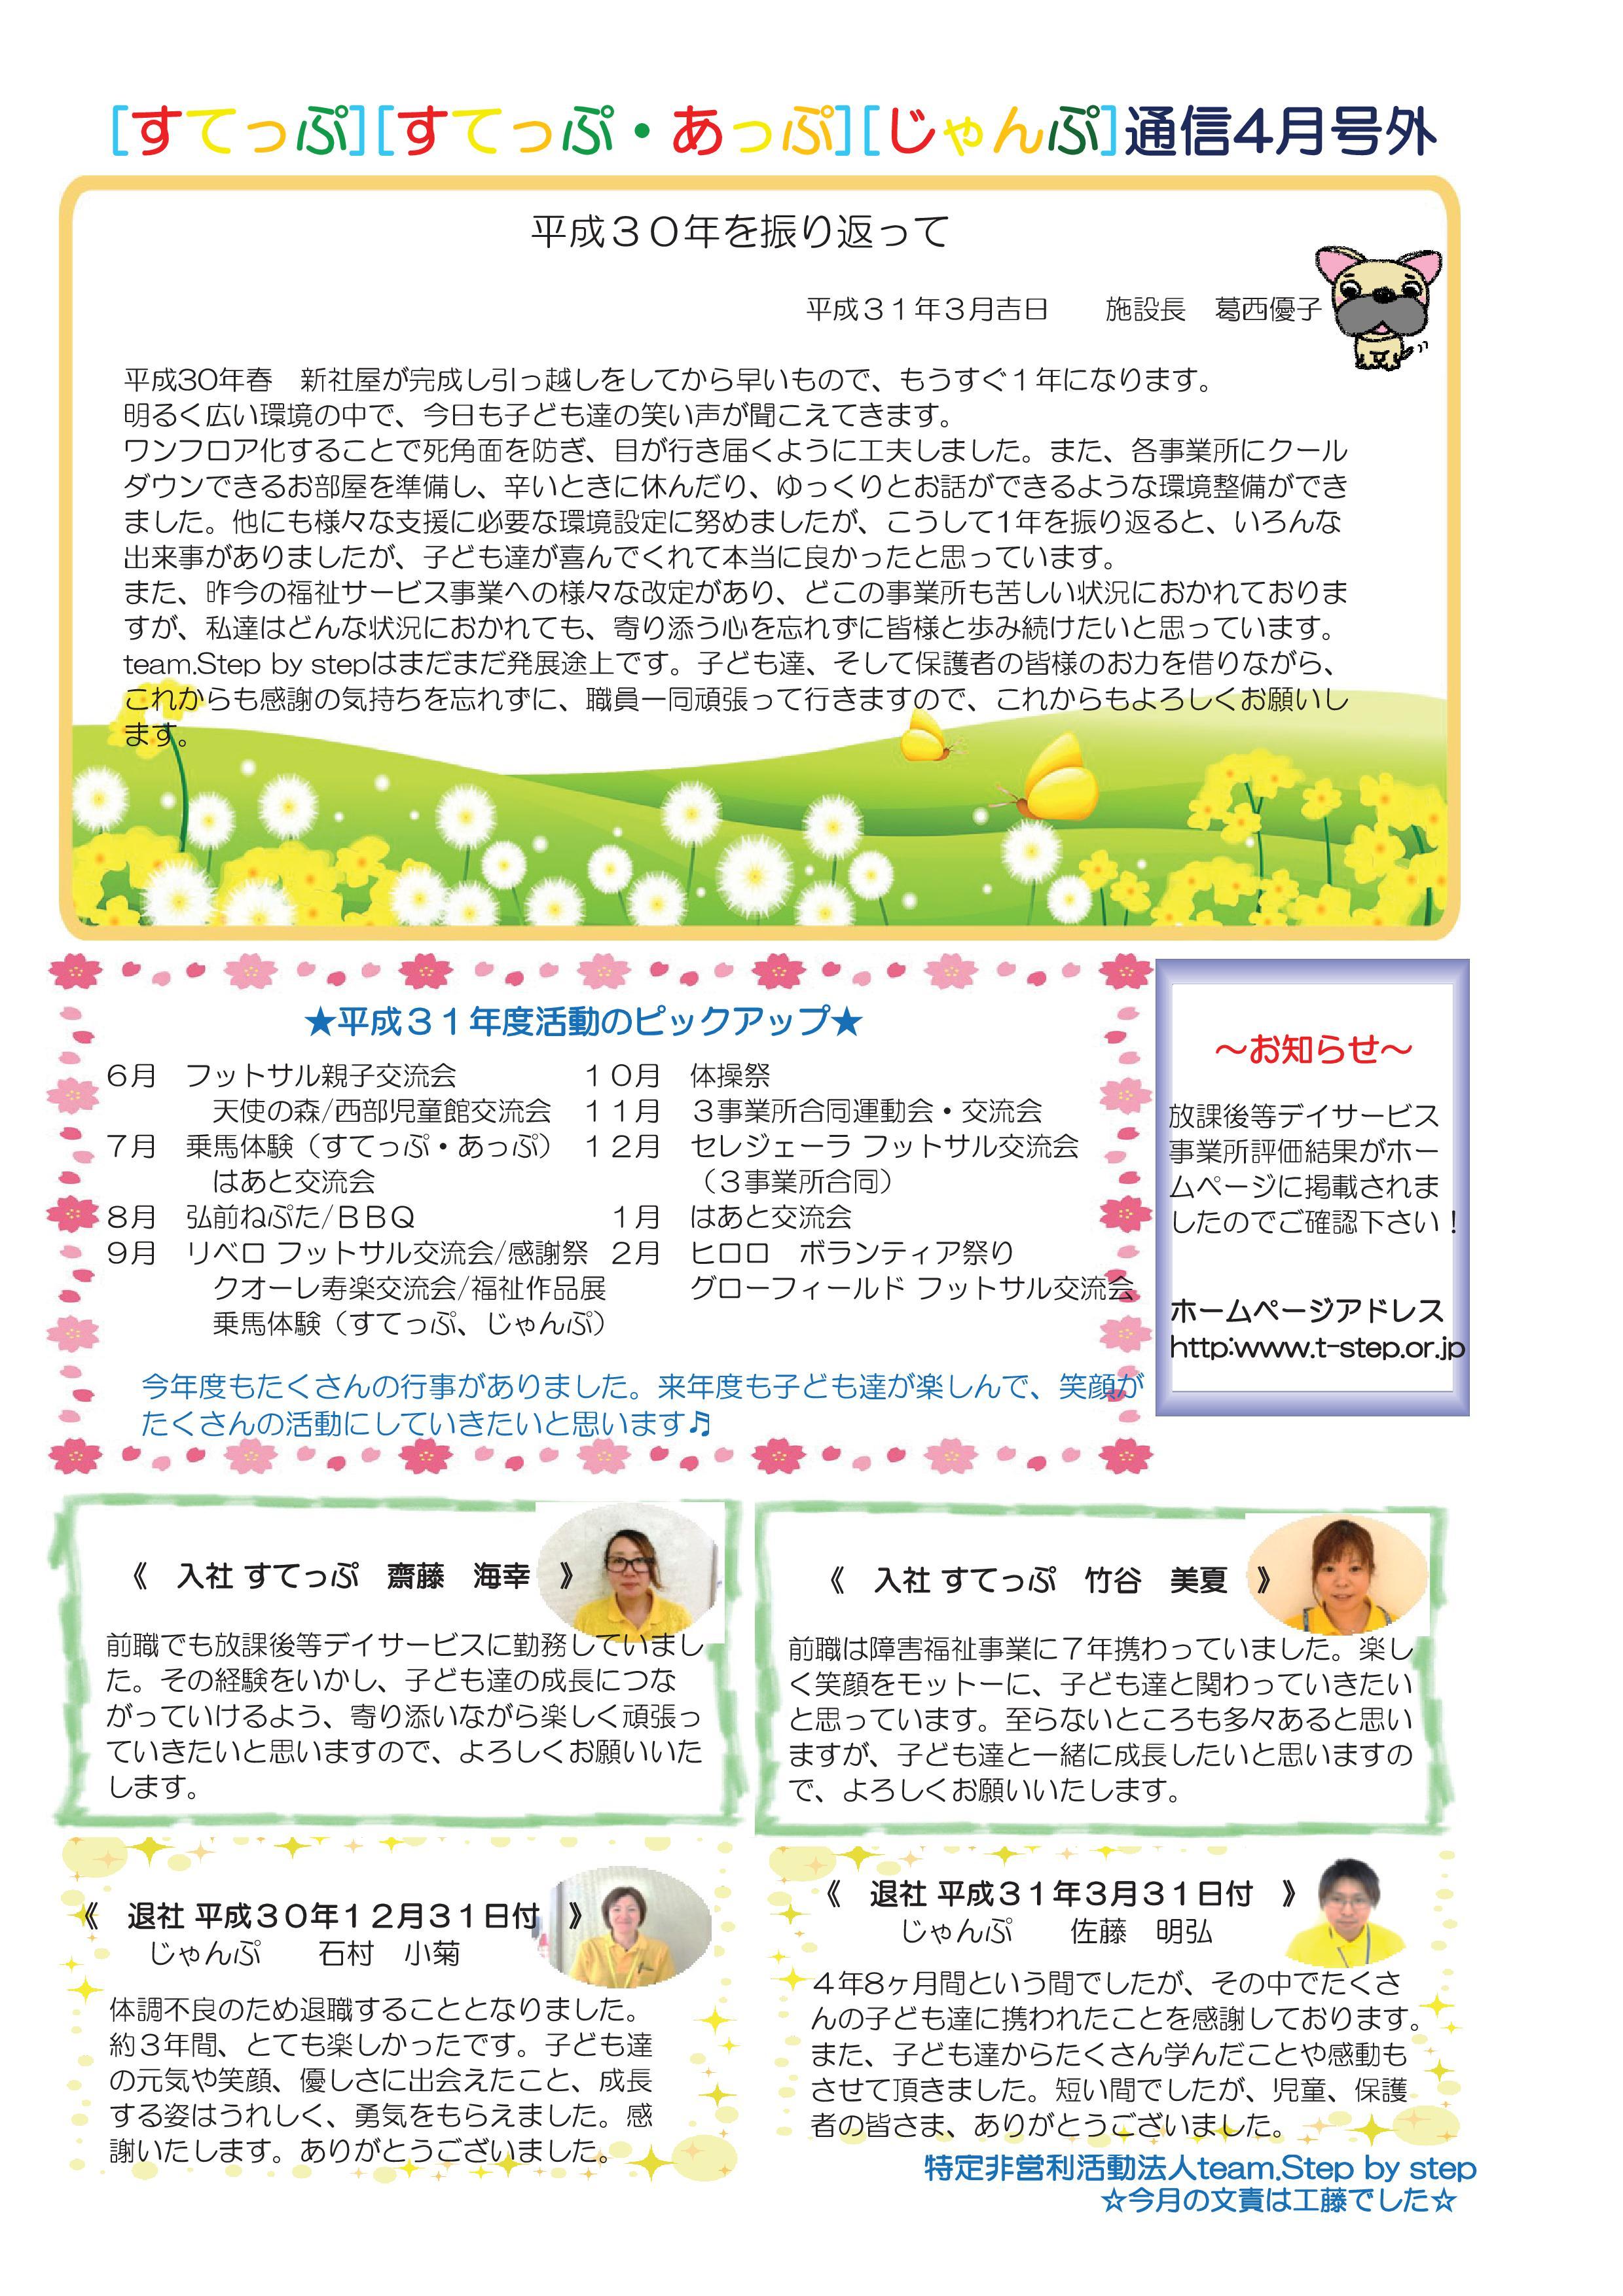 すてっぷ・すてっぷあっぷ・じゃんぷ通信4月号(号外)